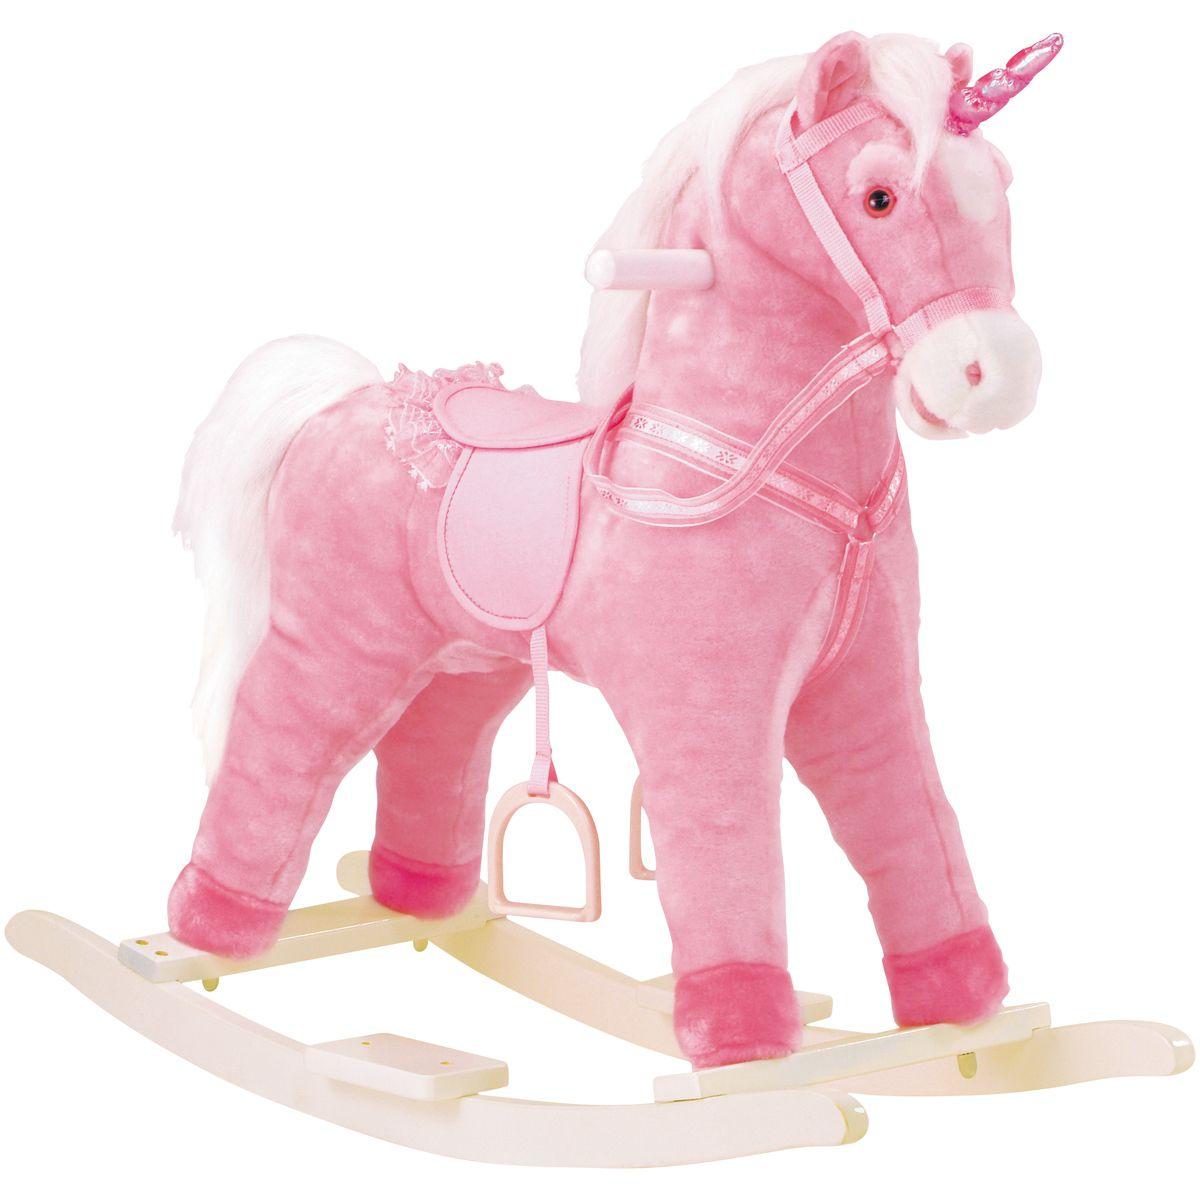 Licorne à bascule rose - Jouets d'éveil et